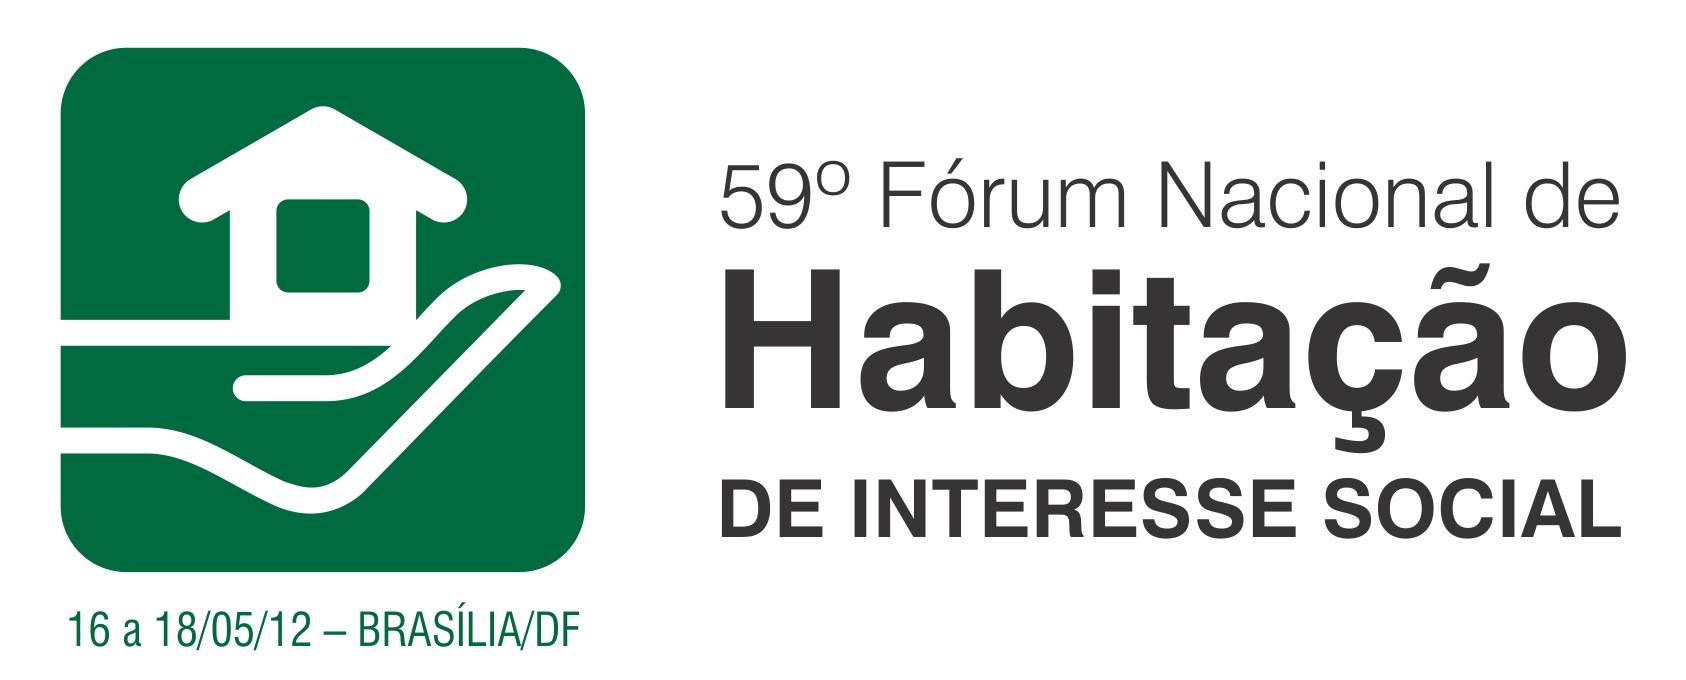 Fórum Nacional de Habitação de Interesse Social / Brasília - DF, Divulgação